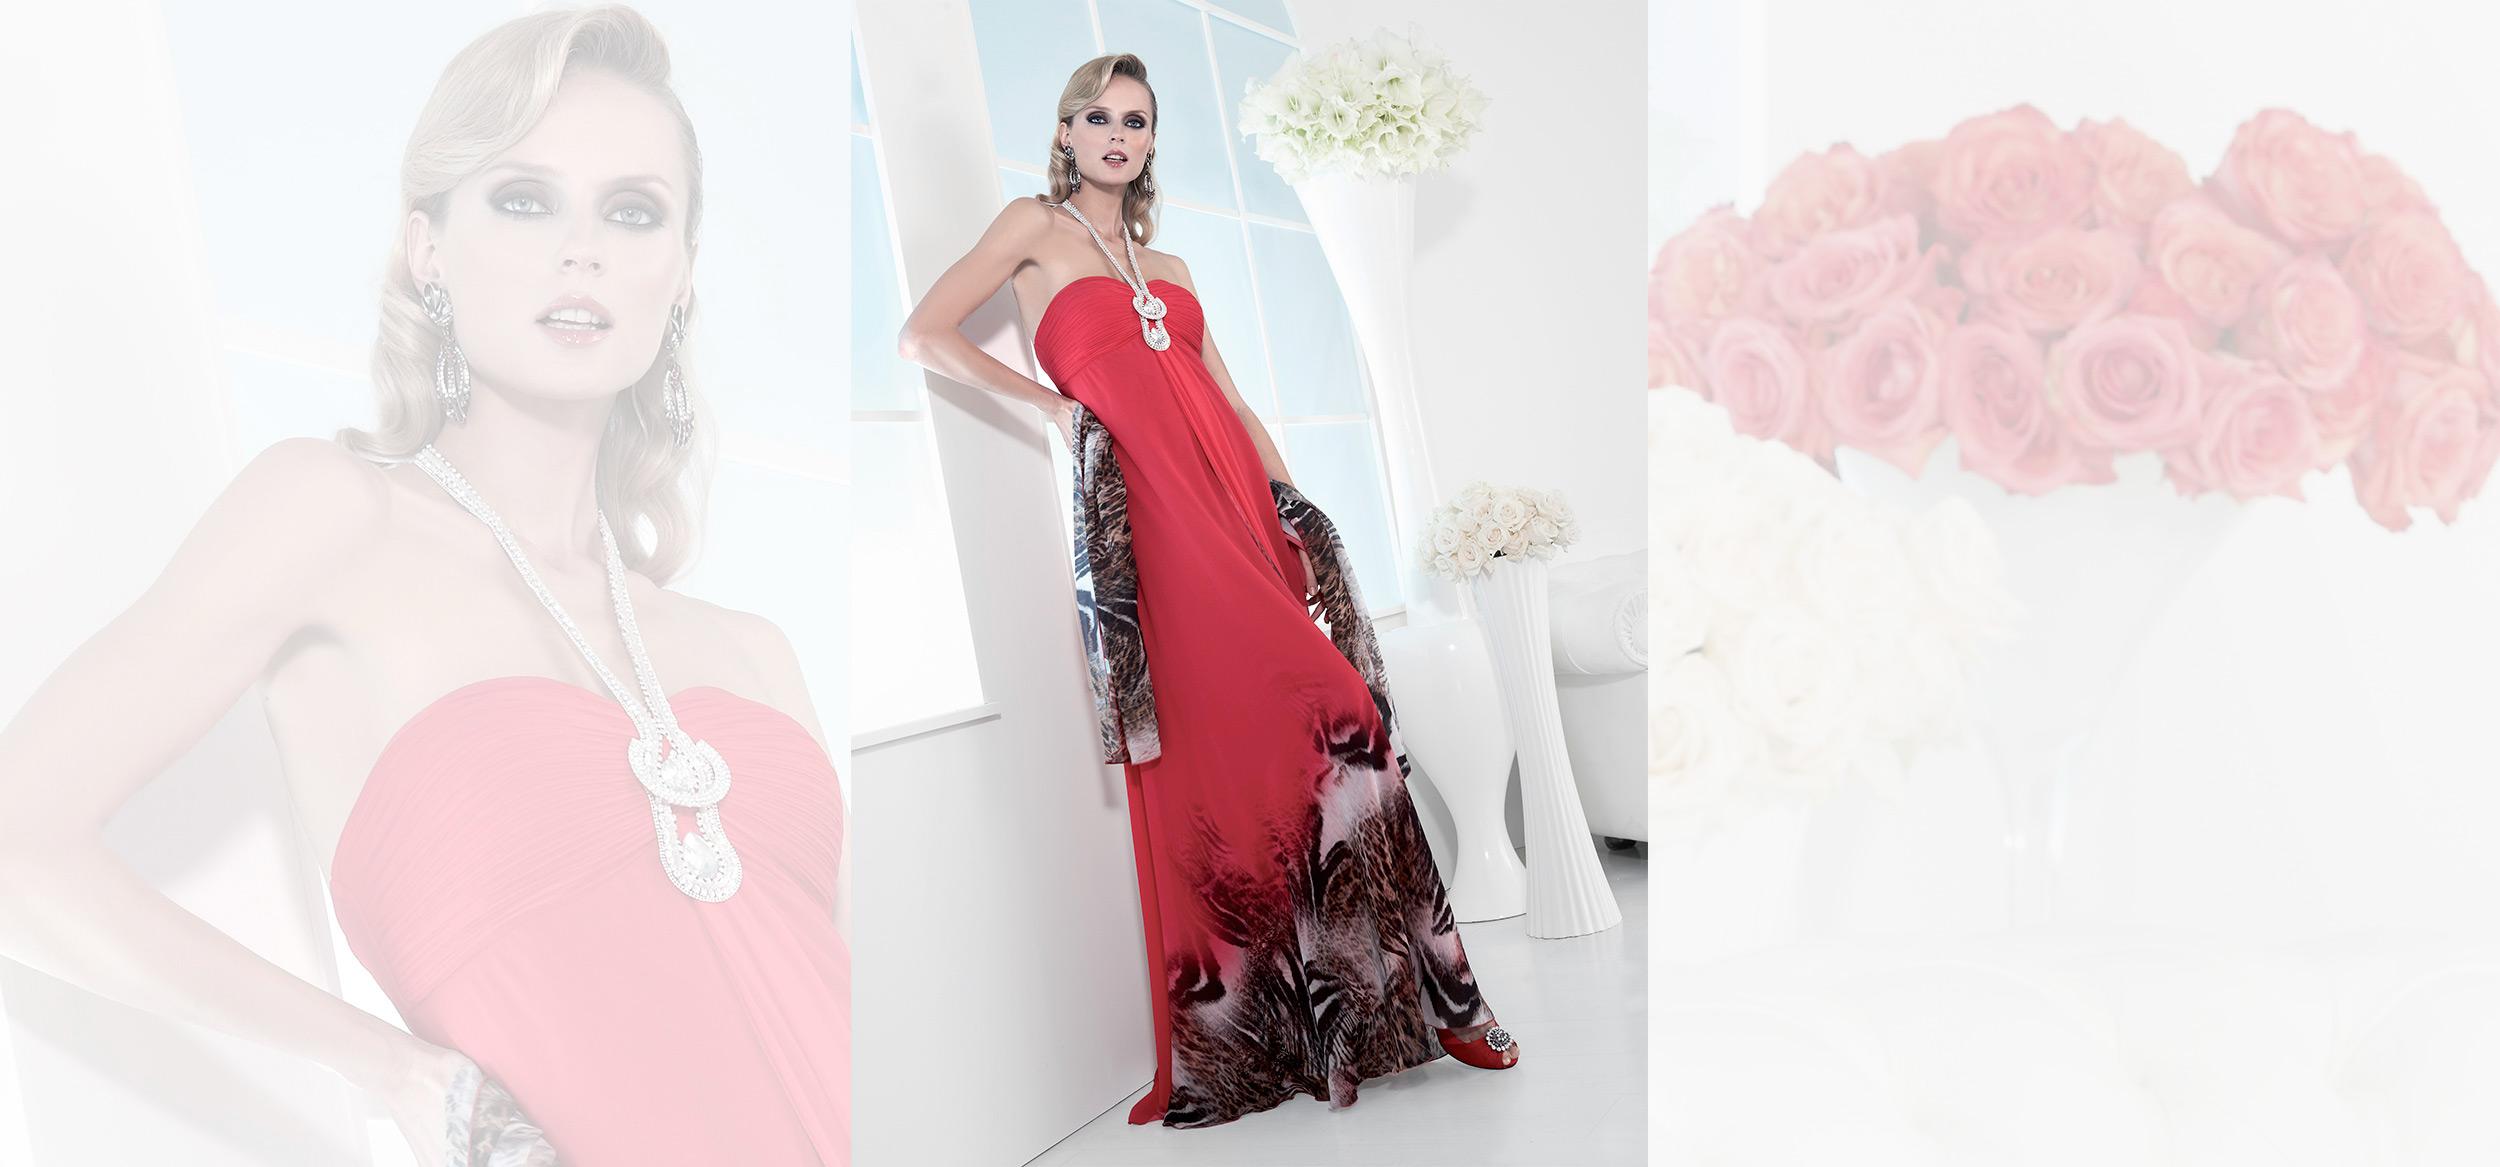 wholesale dealer 4c10e 711fb Musani collezione Couture 2016 abiti cerimonia donna (34 ...